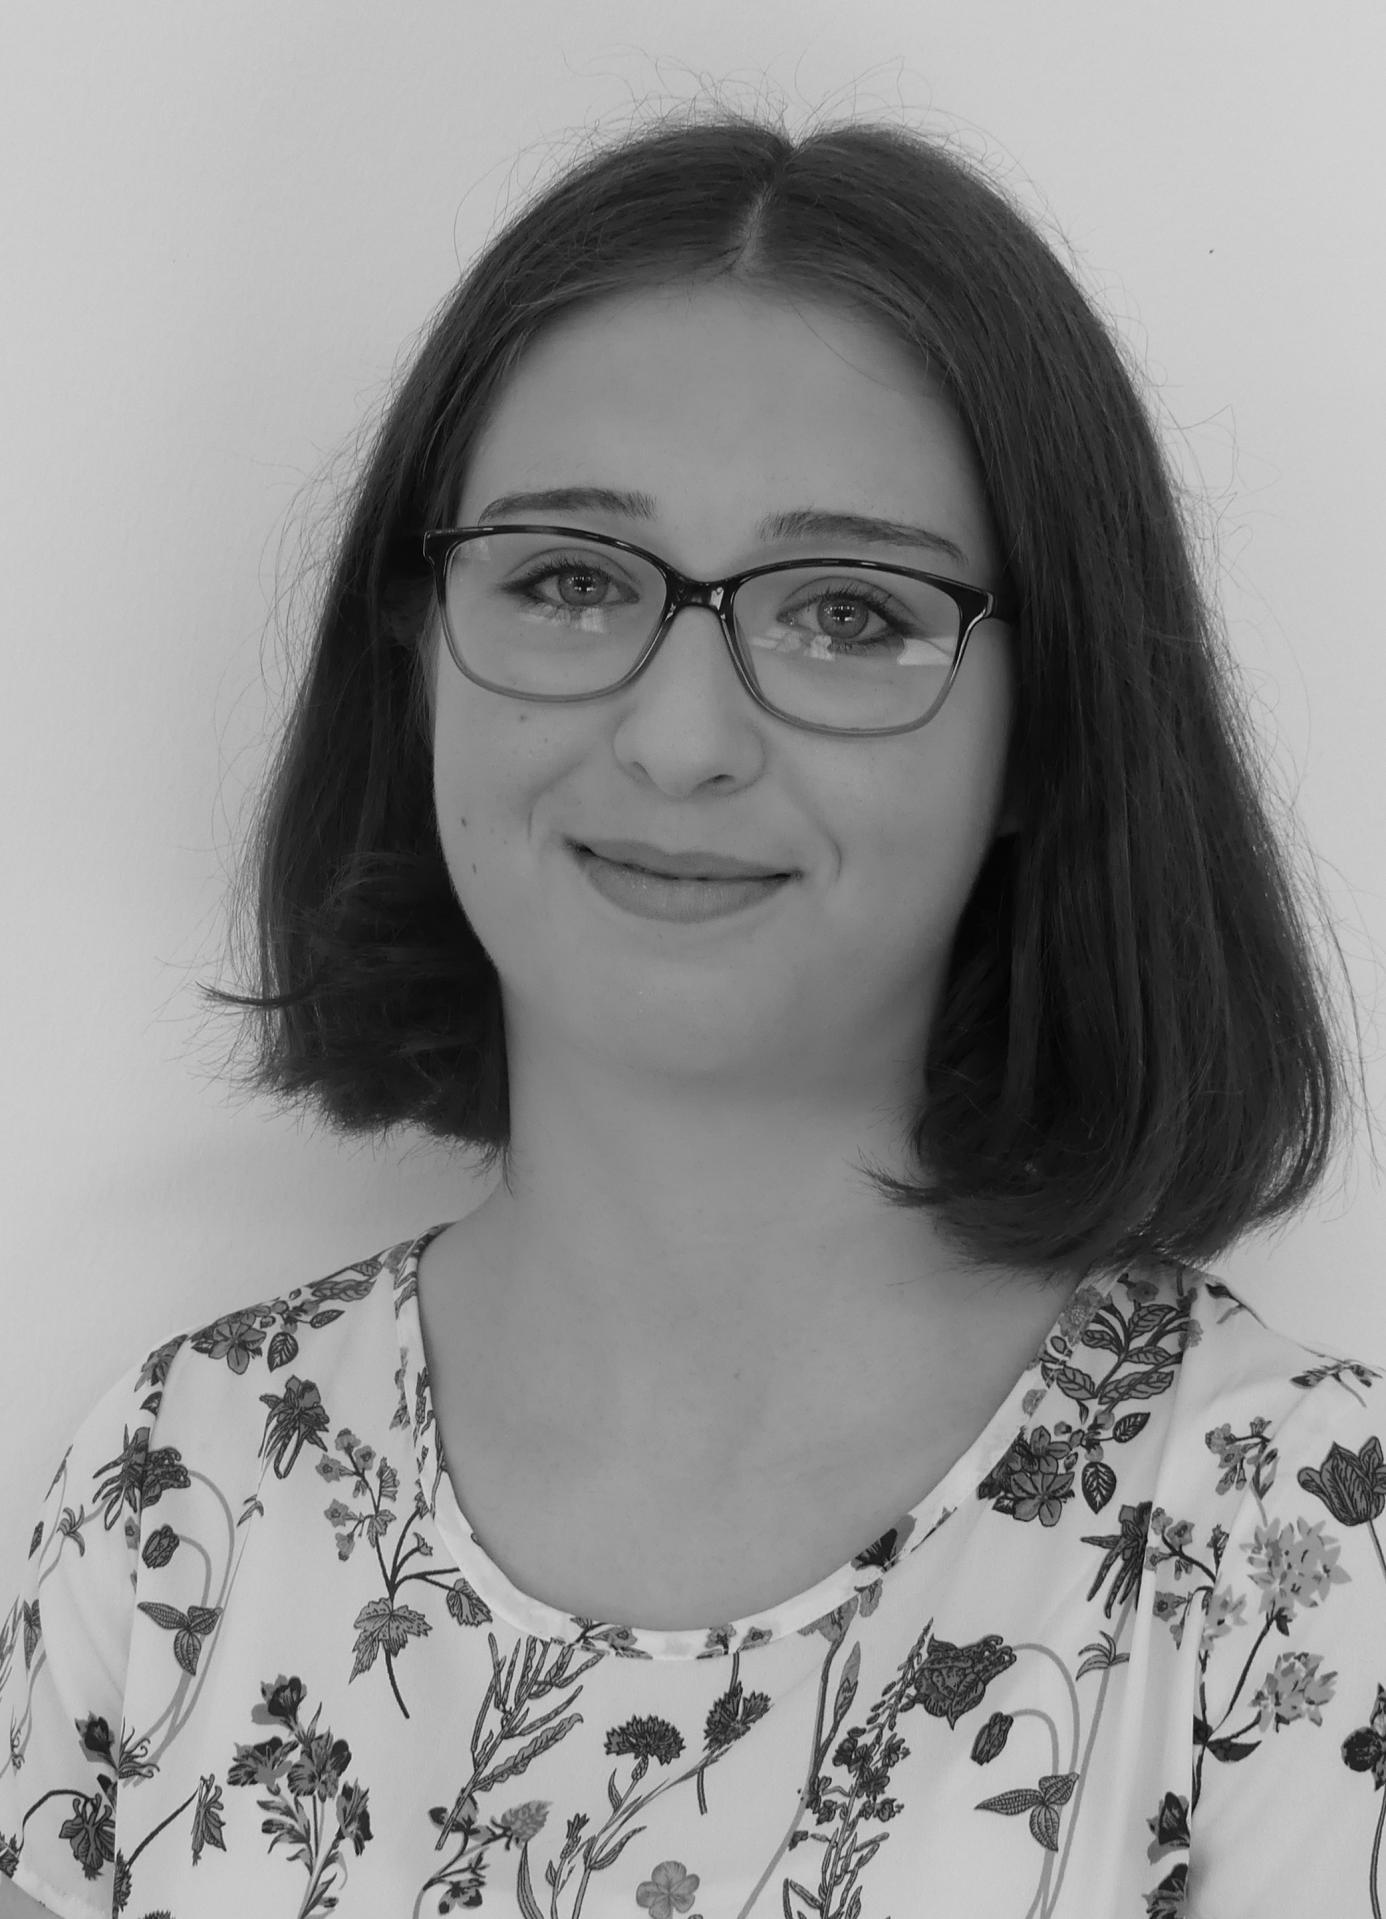 Anna-Lena Atzorn